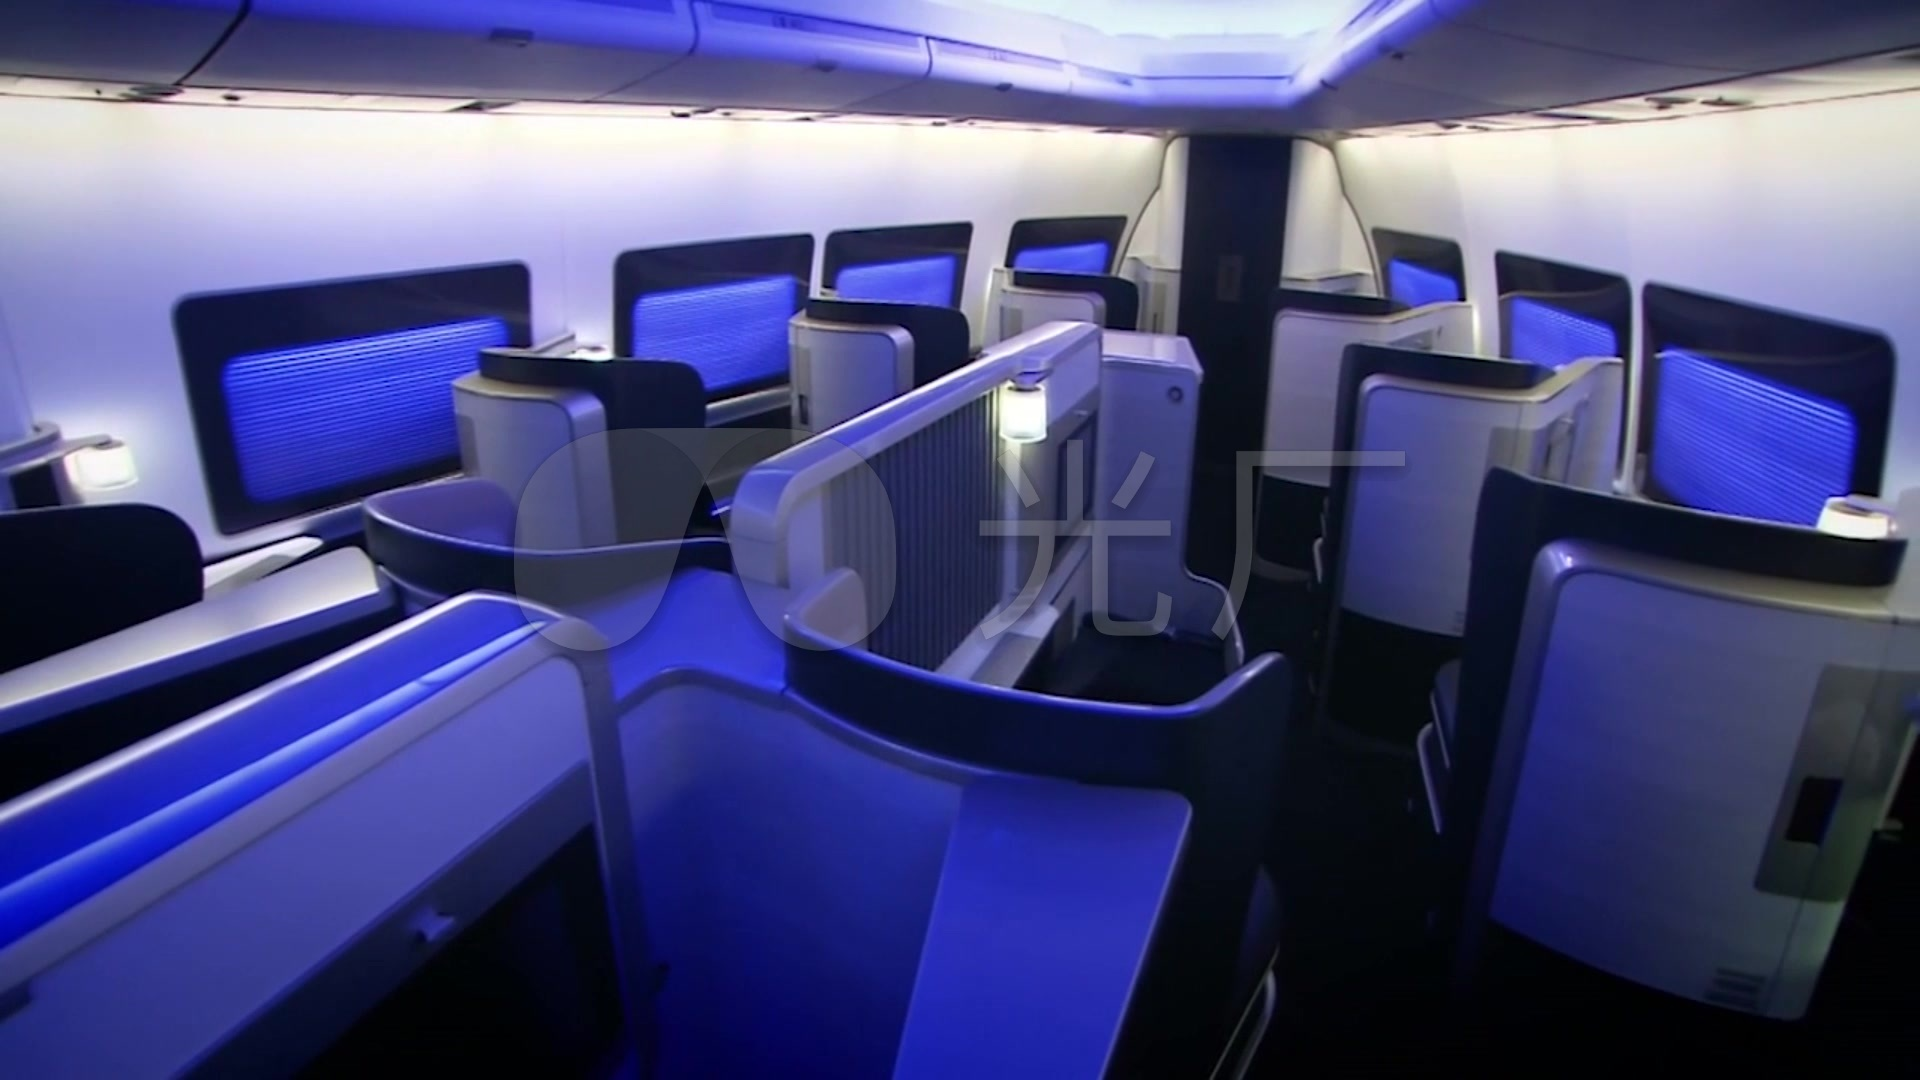 飞机民航舱内景内部展示_照片商务头等舱_19客机v飞机步奏图片